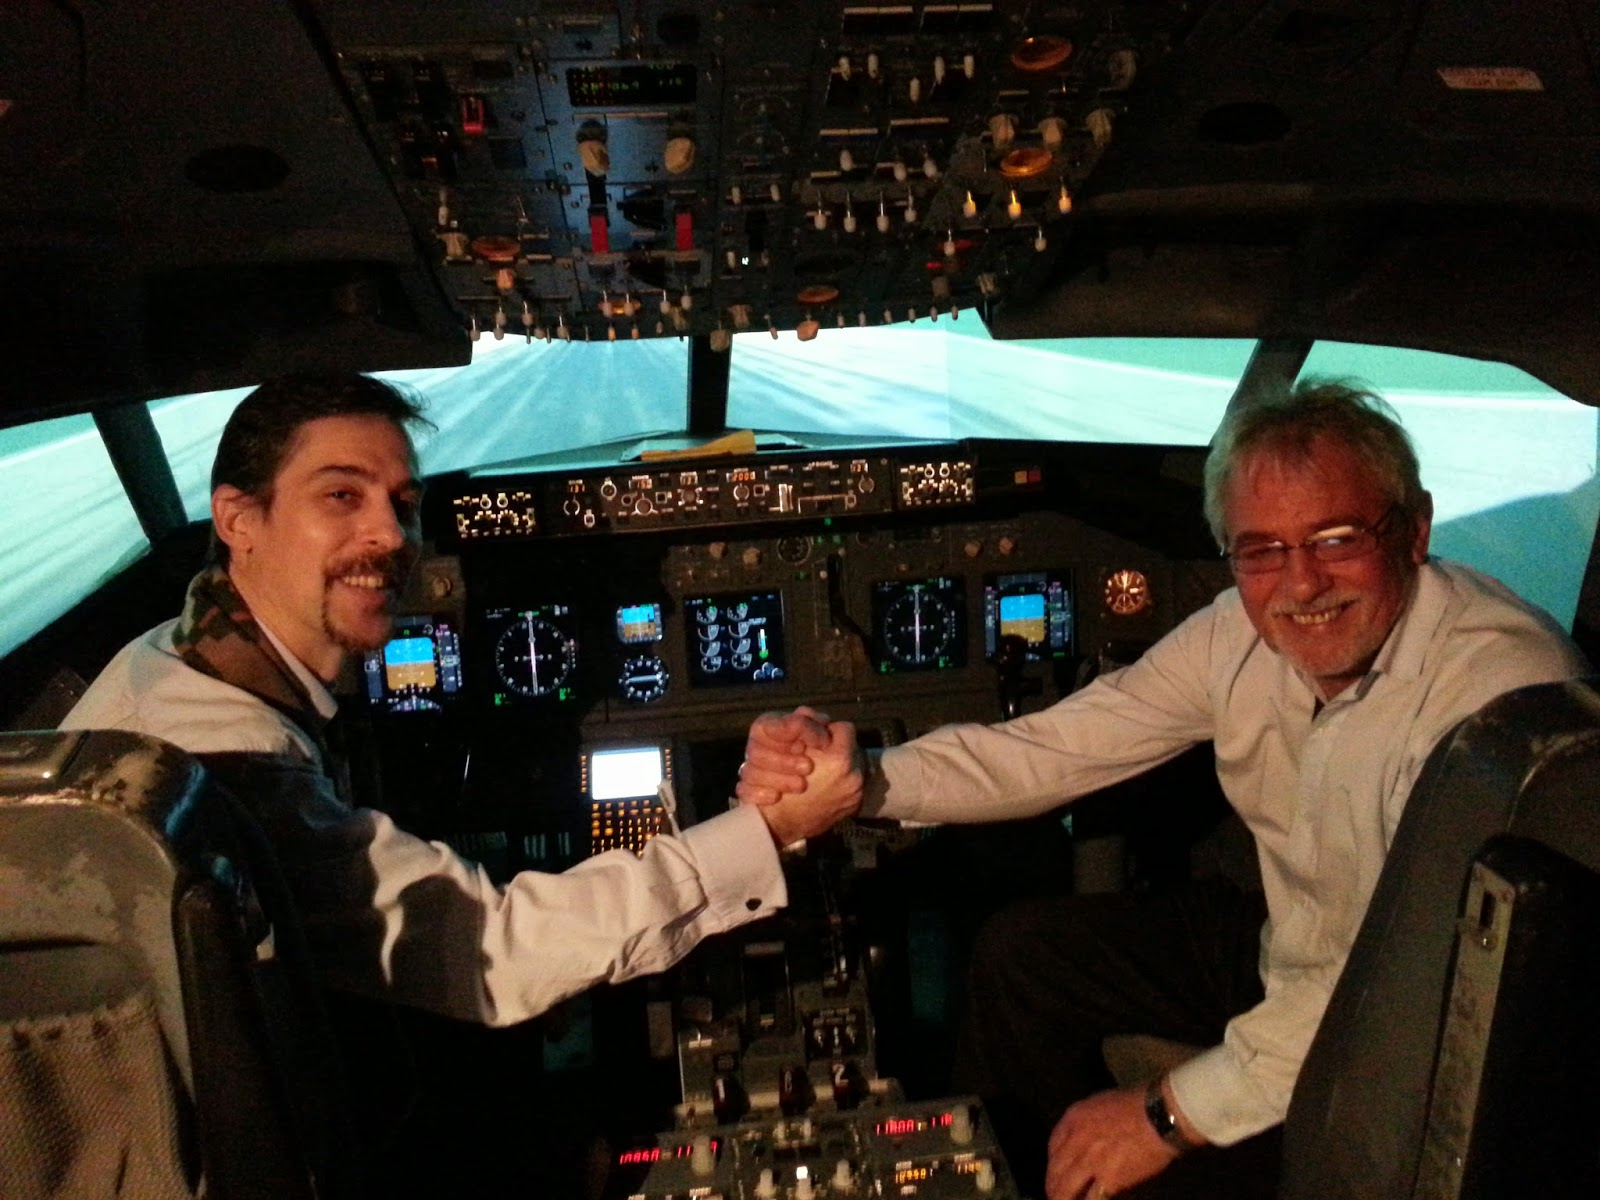 http://volandoconcomandantes.blogspot.com.ar/2011/09/poder-volar-es-un-obsequio-de-los.html